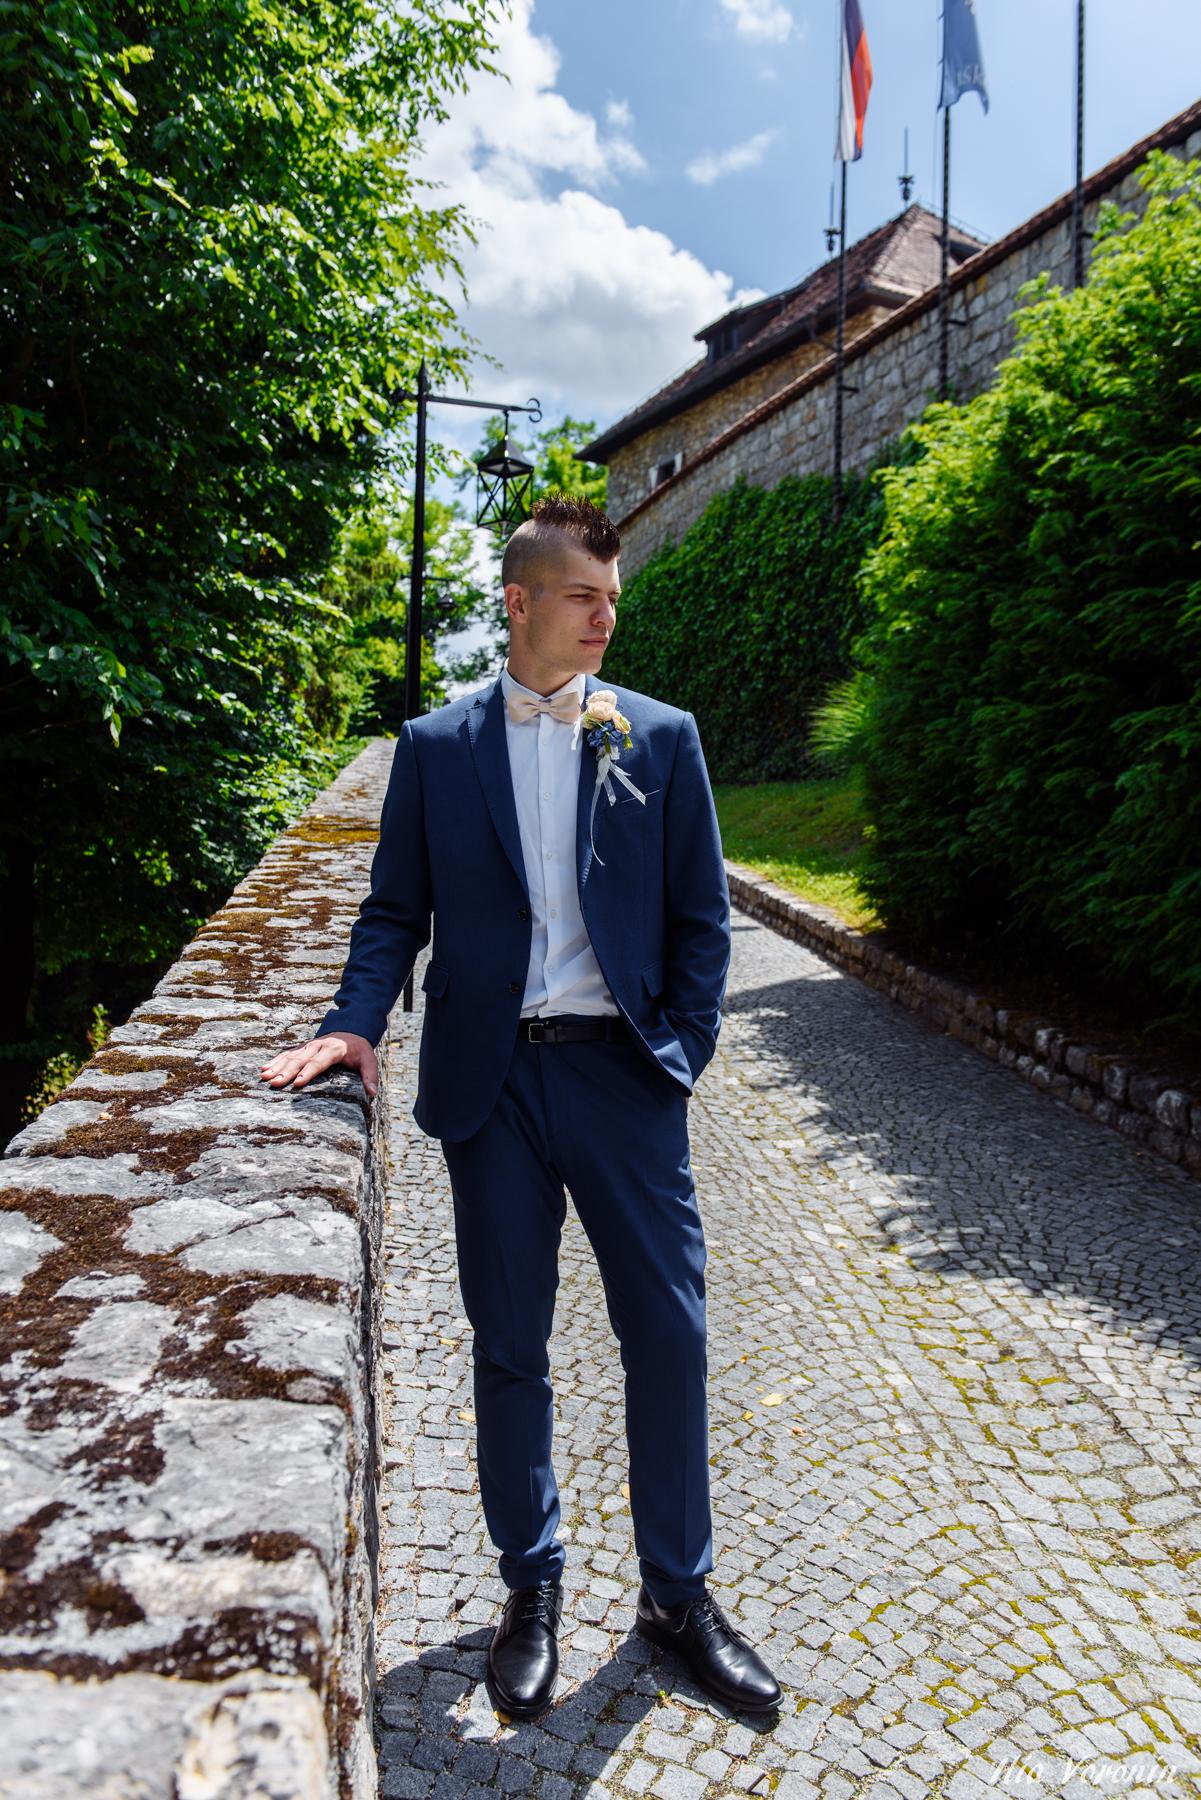 poročni fotograf, poročna fotografija, poroka, romantika, ljubezen, poroka laško, fotograf tabor, wedding in slovenia, photographer in slovenia, photographer tabor